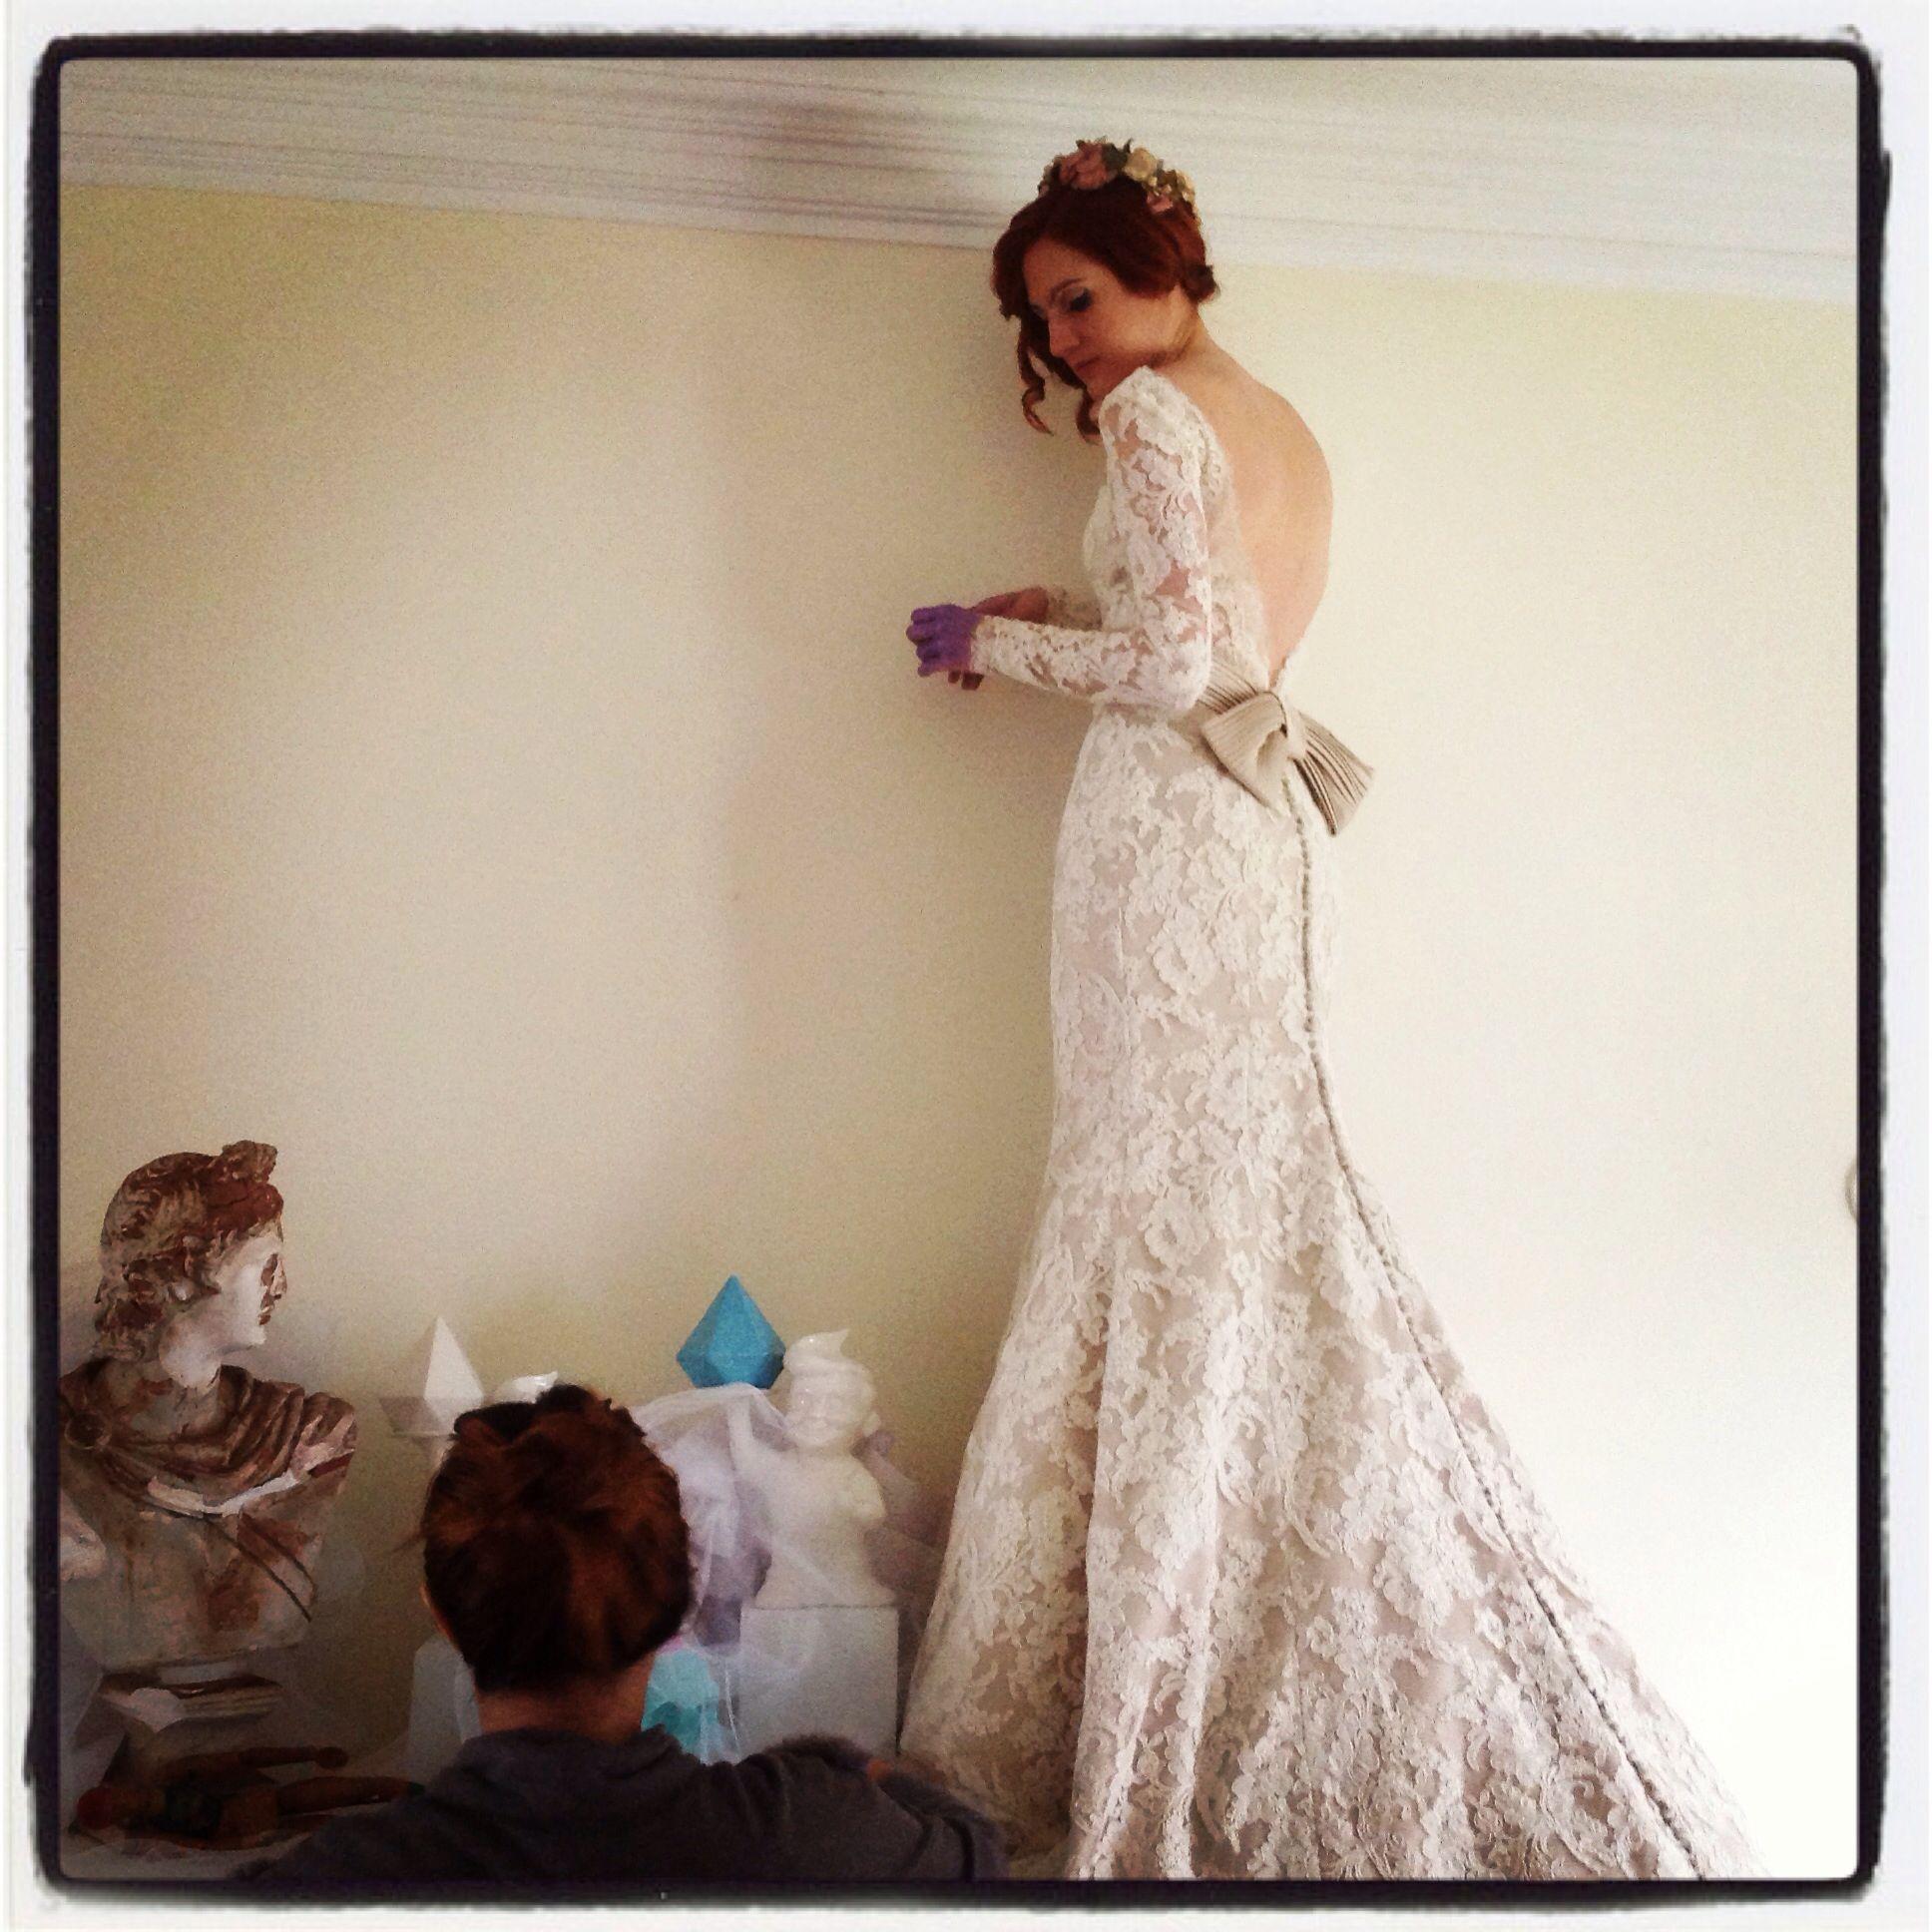 Jesicabutrich Makeupmbp Makeup Hair Htt Www Facebook Com Magalibalarezomakeupartist Wedding Dresses Wedding Dresses Lace Sheath Wedding Dress